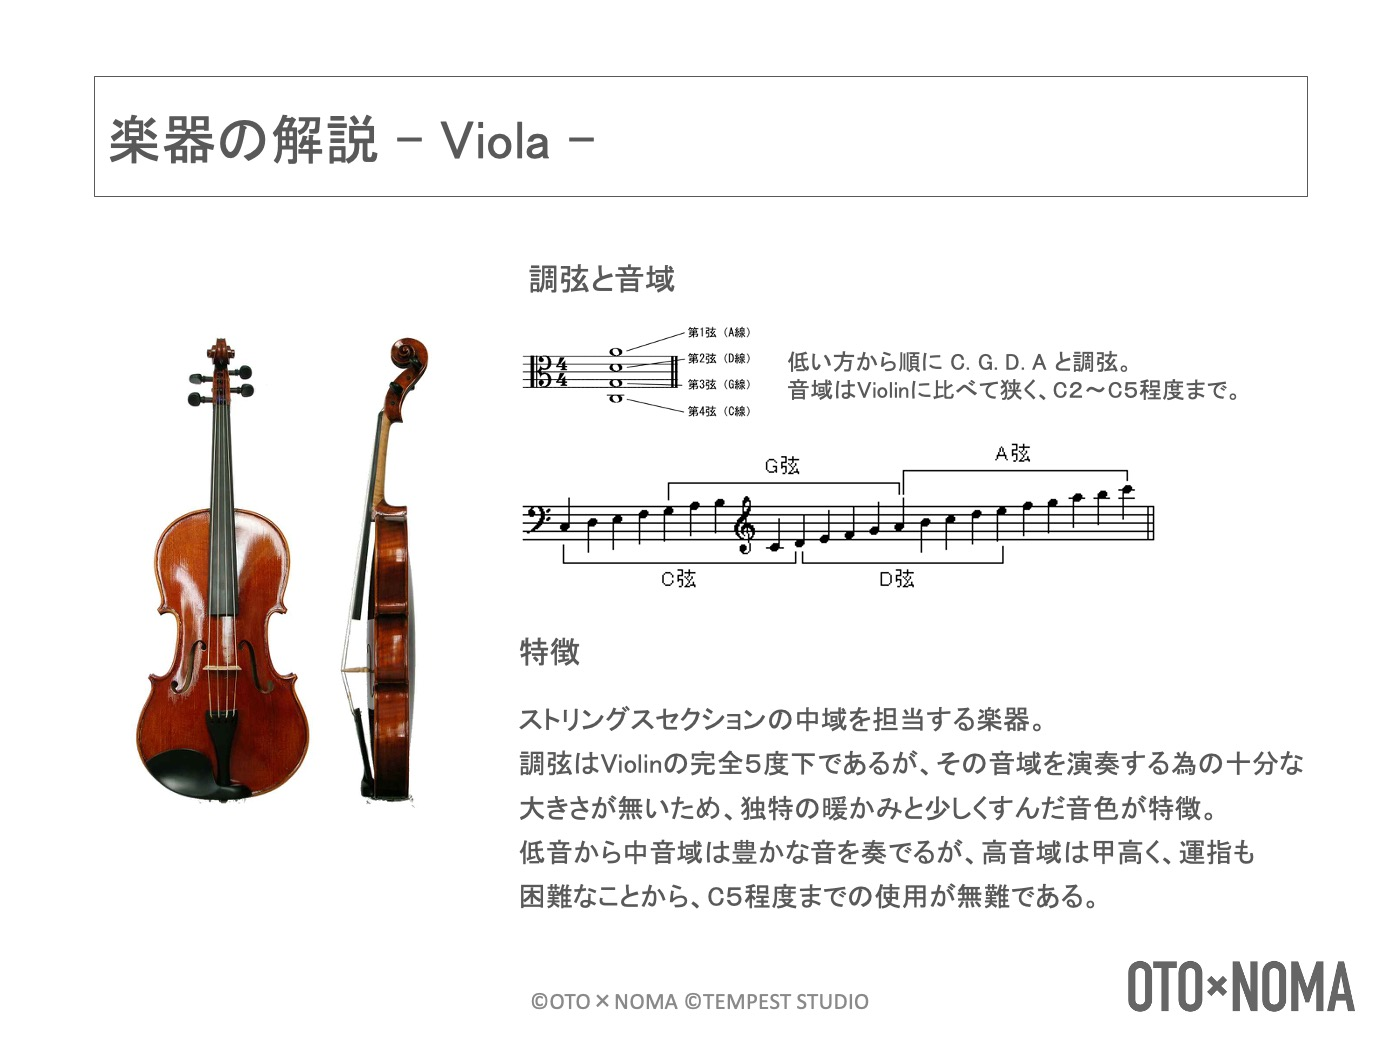 ヴィオラの音域と特徴